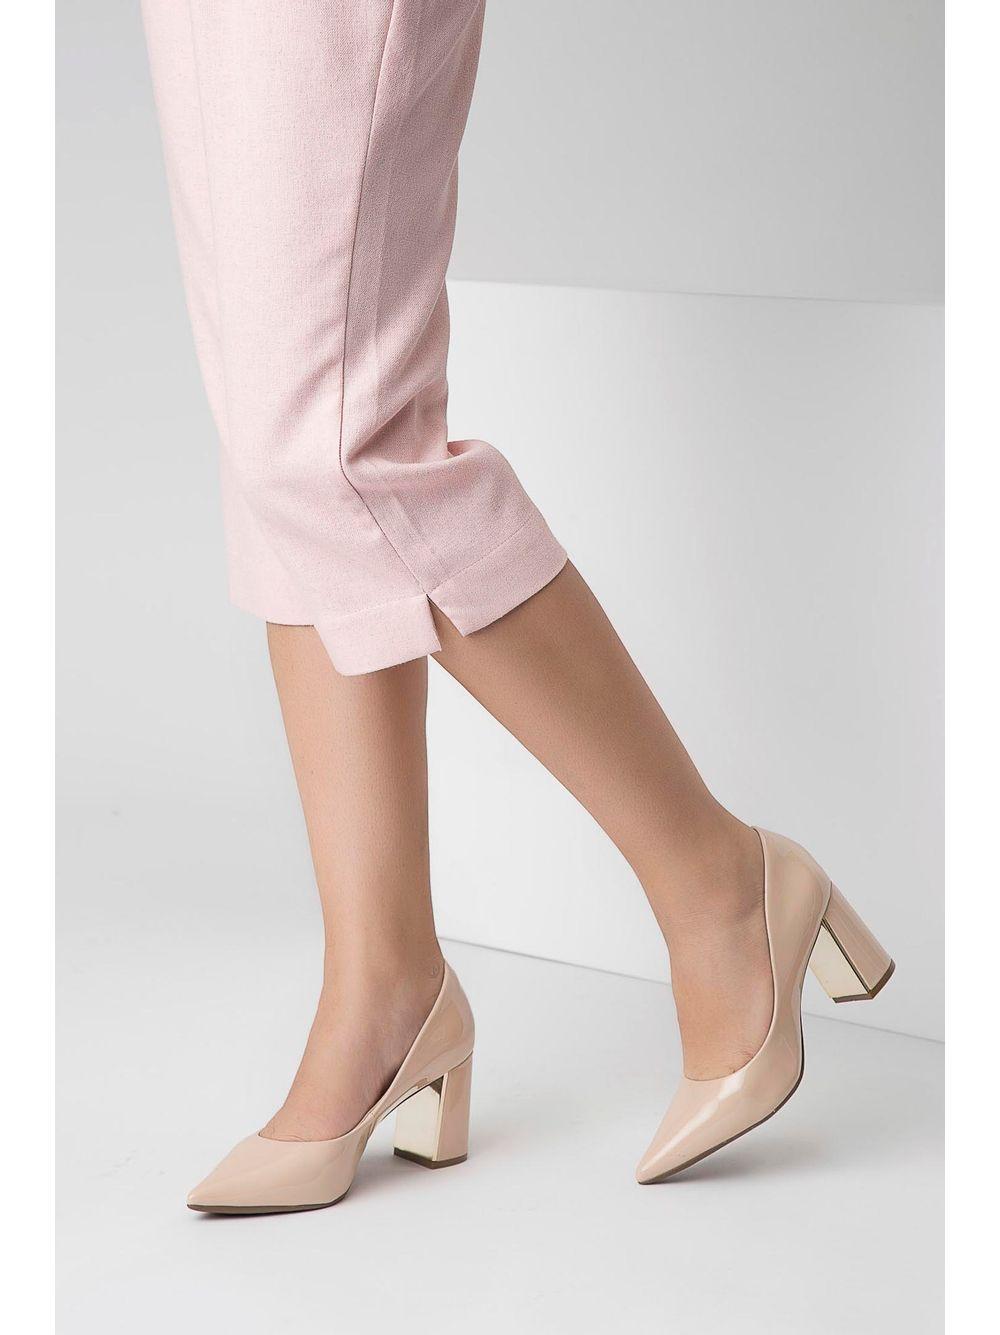 9b55dac287 Sapato Bebecê Verniz Salto Grosso Metalizado Nude - pittol